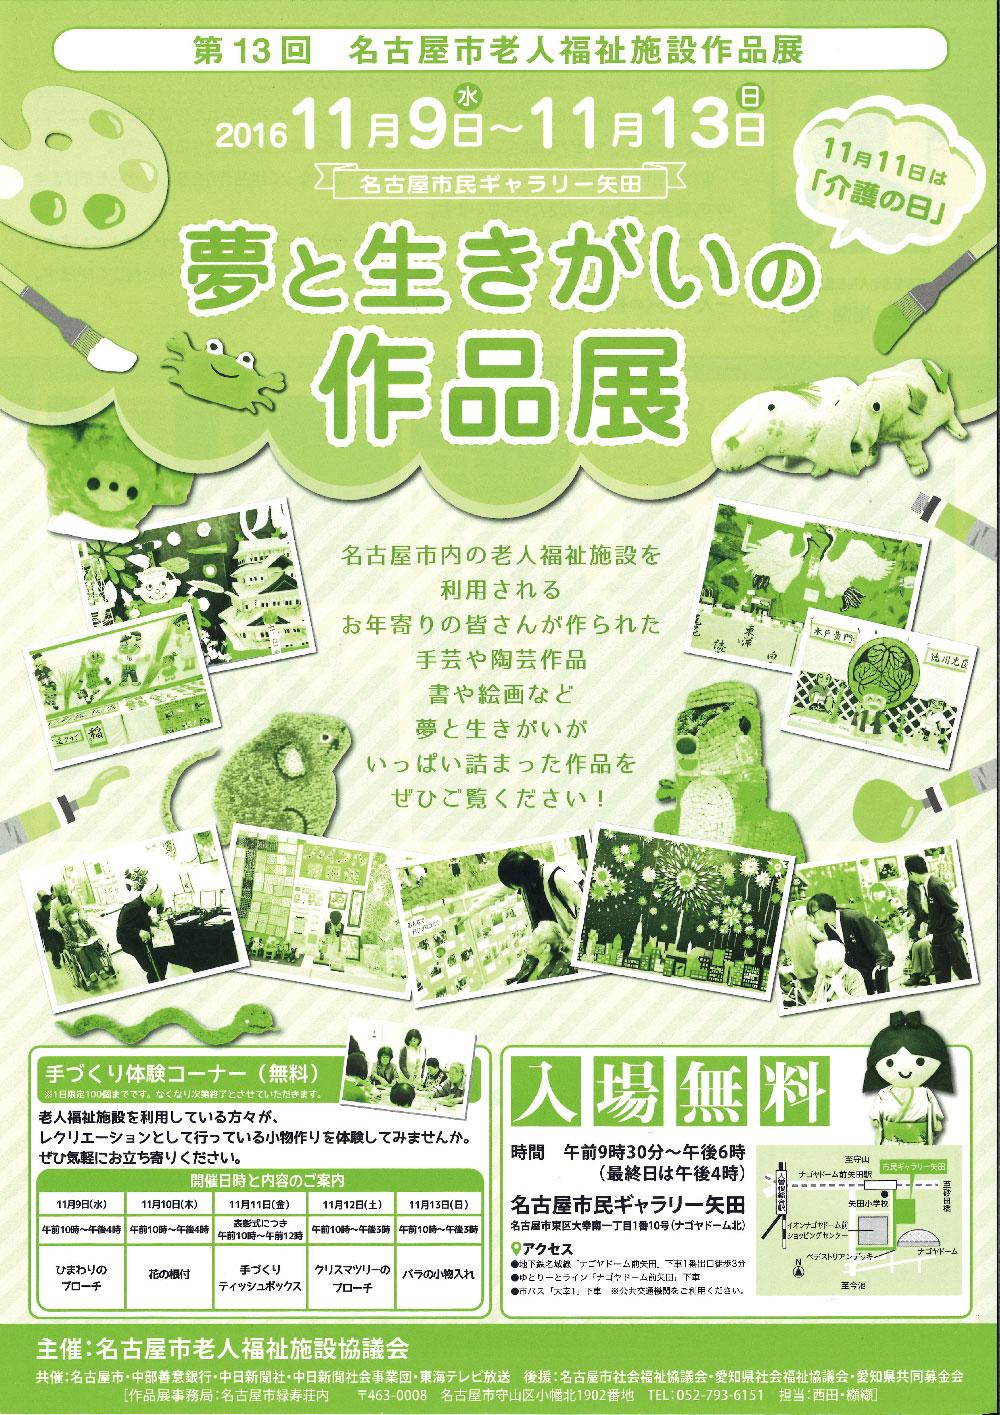 nagoya_fukushi_sakuhinten_h28-1